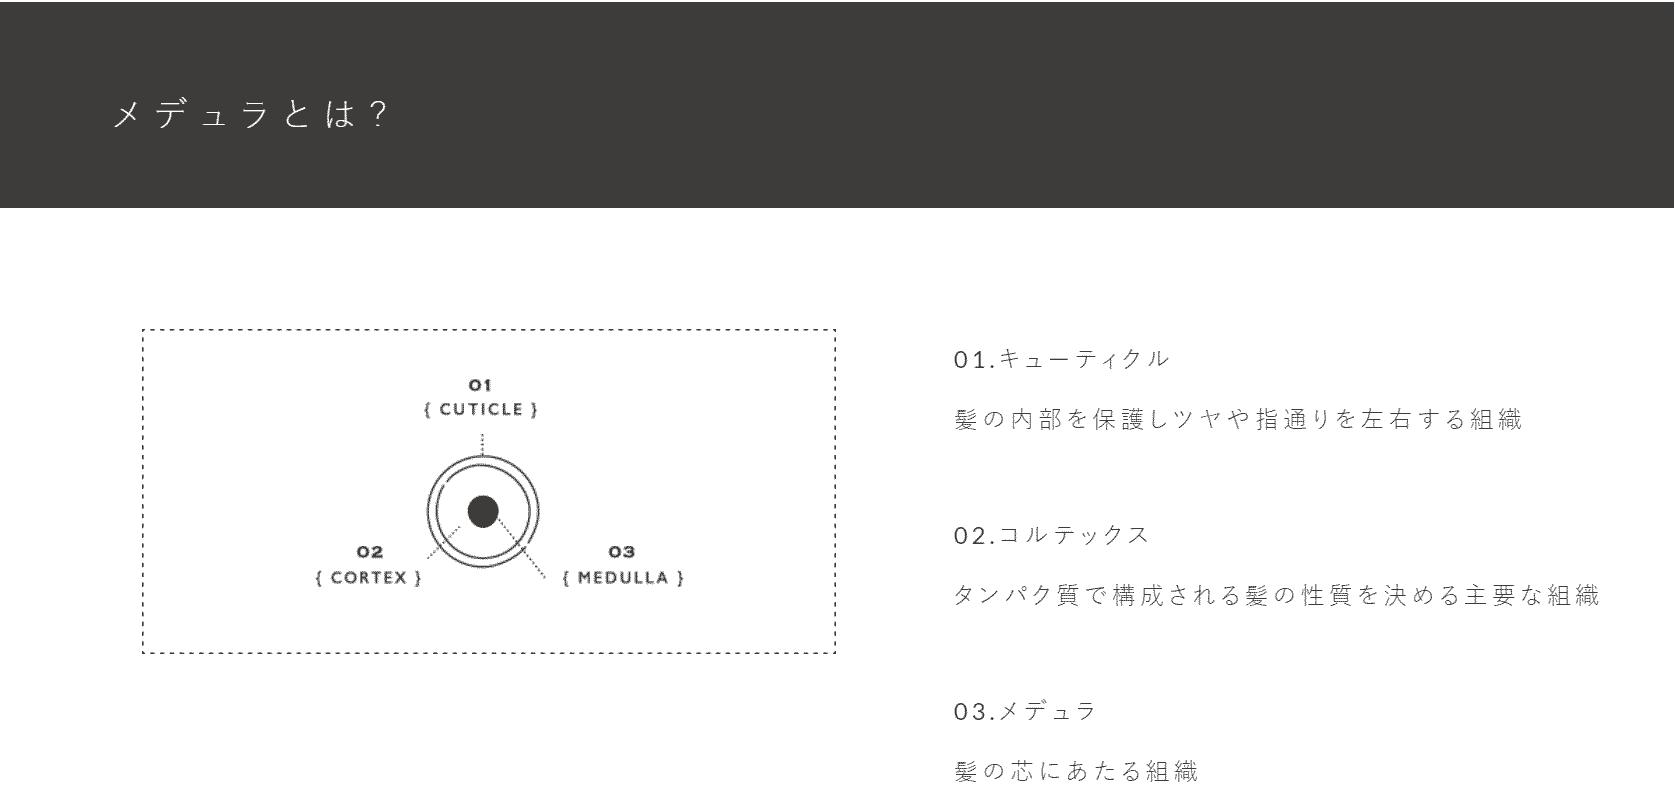 メデュラ公式サイトの画像